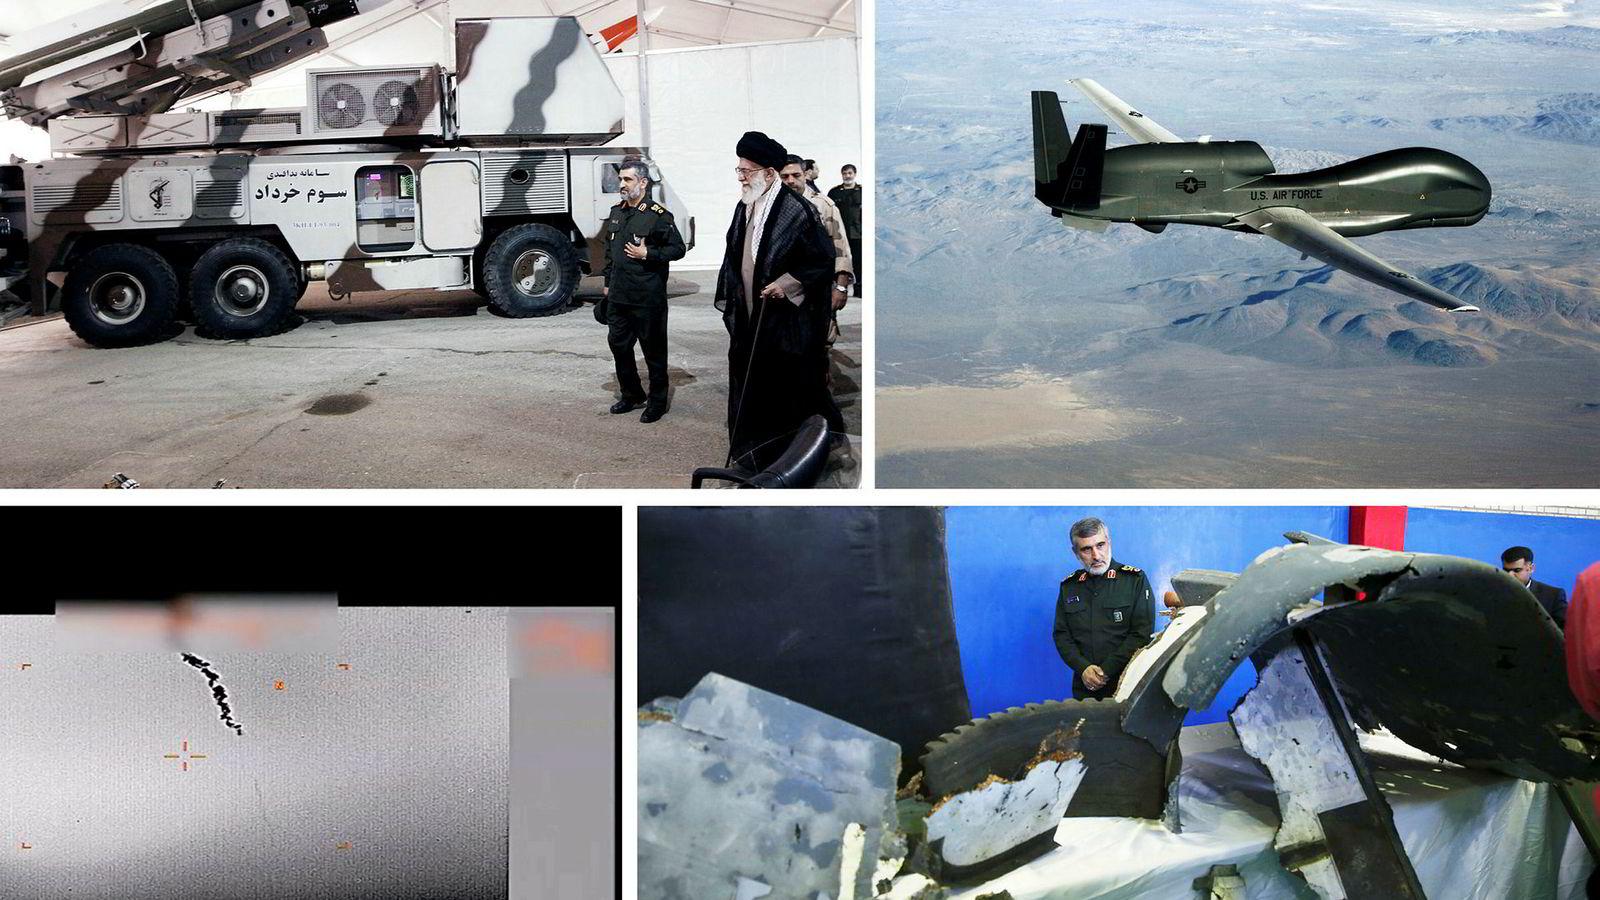 Øverst til høyre: Her inspiserer Irans øverste leder Ayatollah Ali Khamenei luftvernsystemet Khordad, som Revolusjonsgarden brukte til å skyte ned den amerikanske dronen. Til venstre er general Amir Ali Hajizadeh, kommandør i Revolusjonsgarden. Øverst til venstre: Overvåkningsdronen RQ-4 Global Hawk. Nederst til høyre: Radarbilde fra nedskytingen som USA påstår skjedde i internasjonal luftrom. Nederst til høyre: Iran påstår dette er vrakrester av dronen som Iran har hentet opp fra sjøen i iransk farvann.